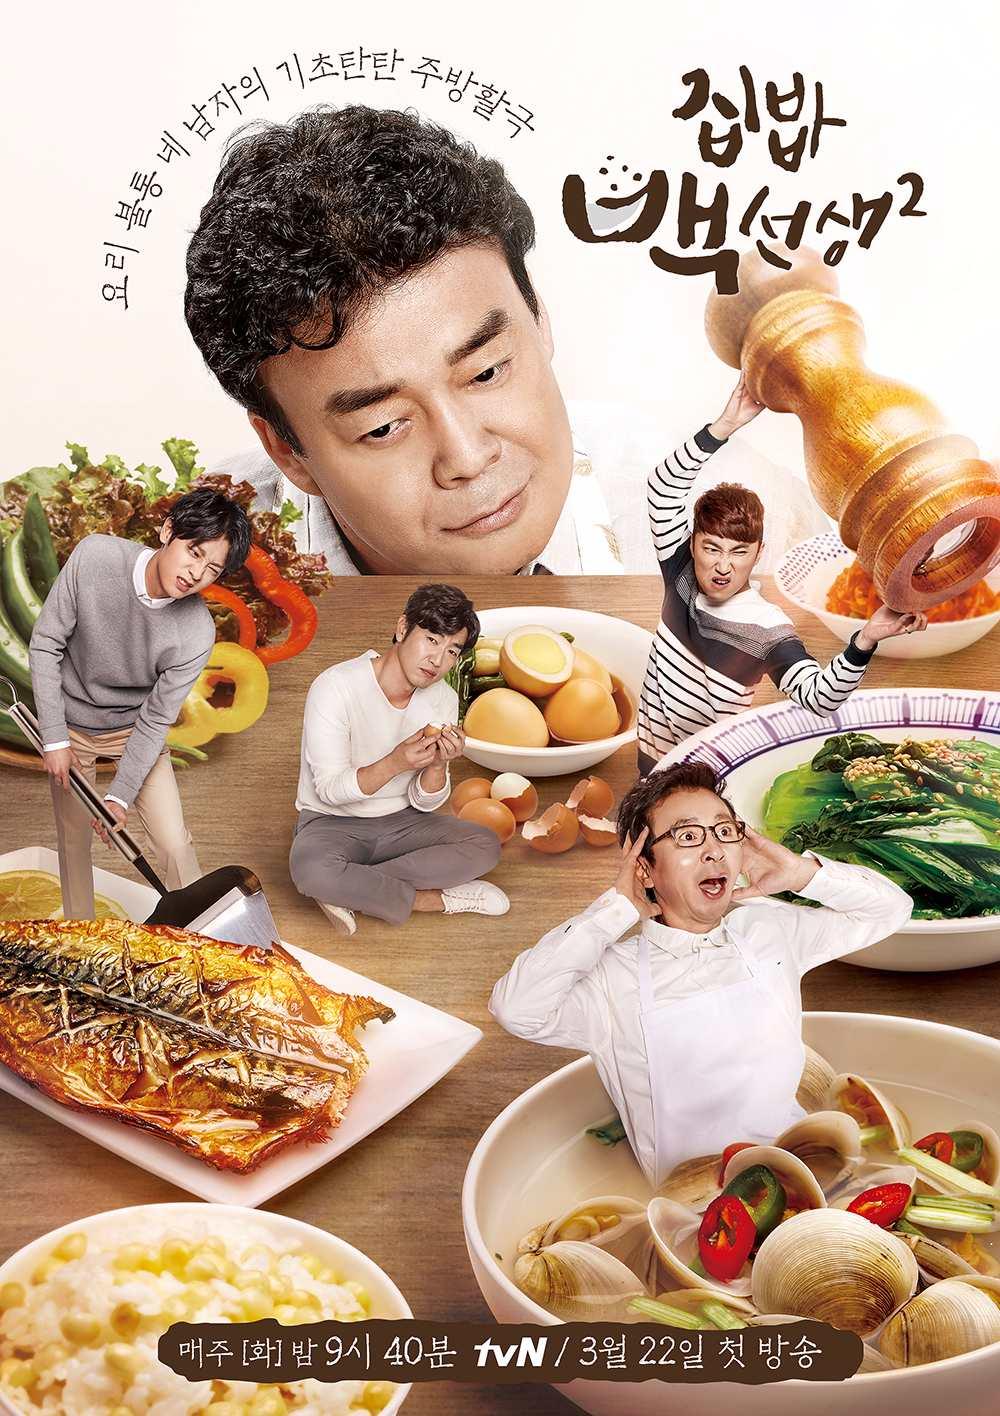 在JTBC 《舊屋變新居》中以室內裝修專家Jasson的實習設計師的身份固定出演,作為將委託人的家換置一新的實習設計師活躍在節目中。並且在tvN《家常飯白老師》第二季中充分展現了特有的親和力,每周都從白種元老師那裡學習新的菜品。